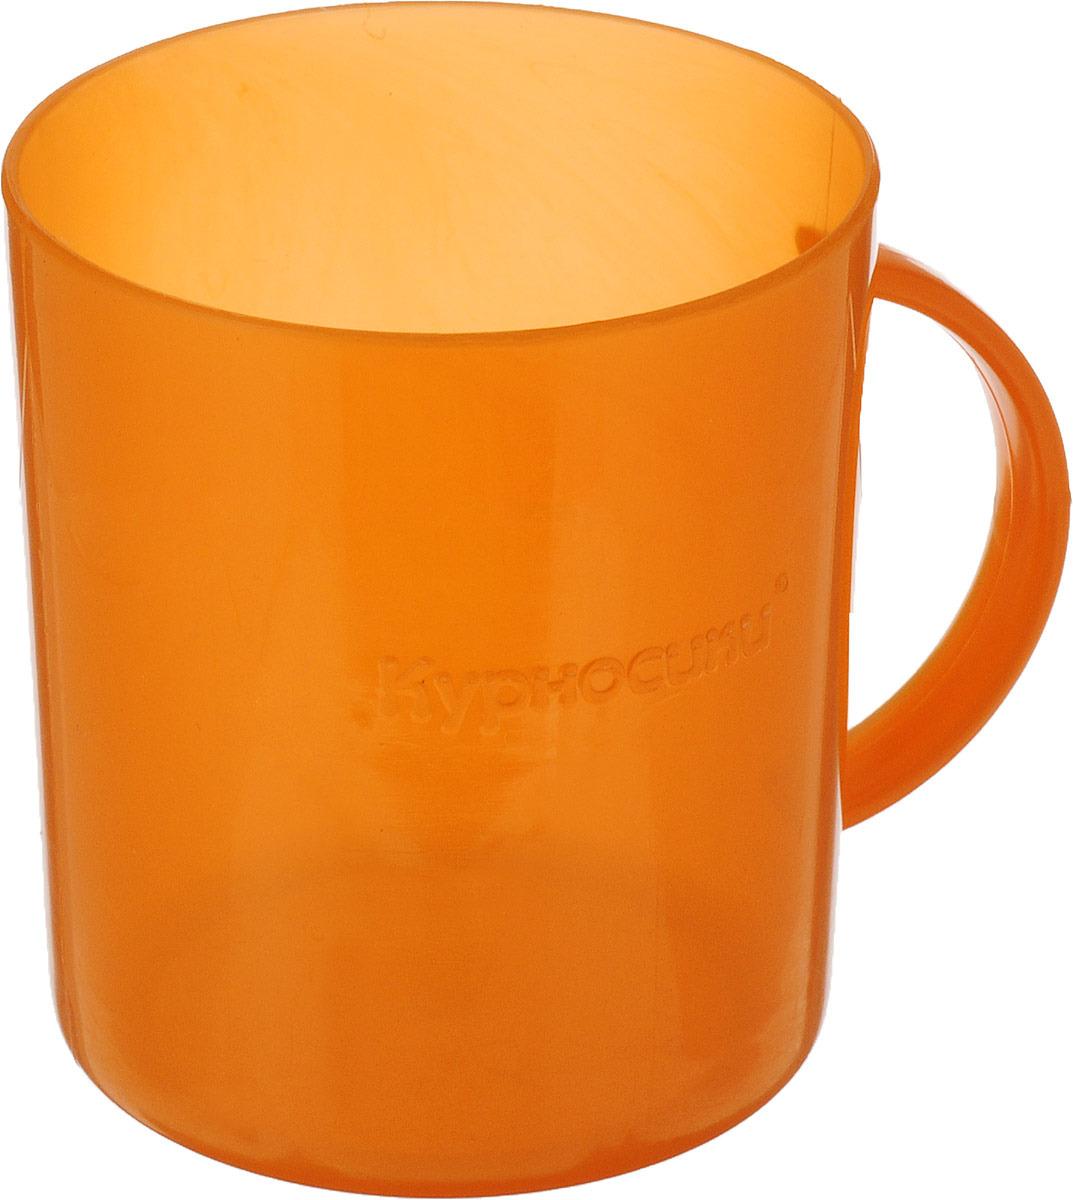 Кружка для детей Курносики, 17027, оранжевый авент кружка поильник взрослая чашка разноцветная 340мл арт 83480 scf784 00